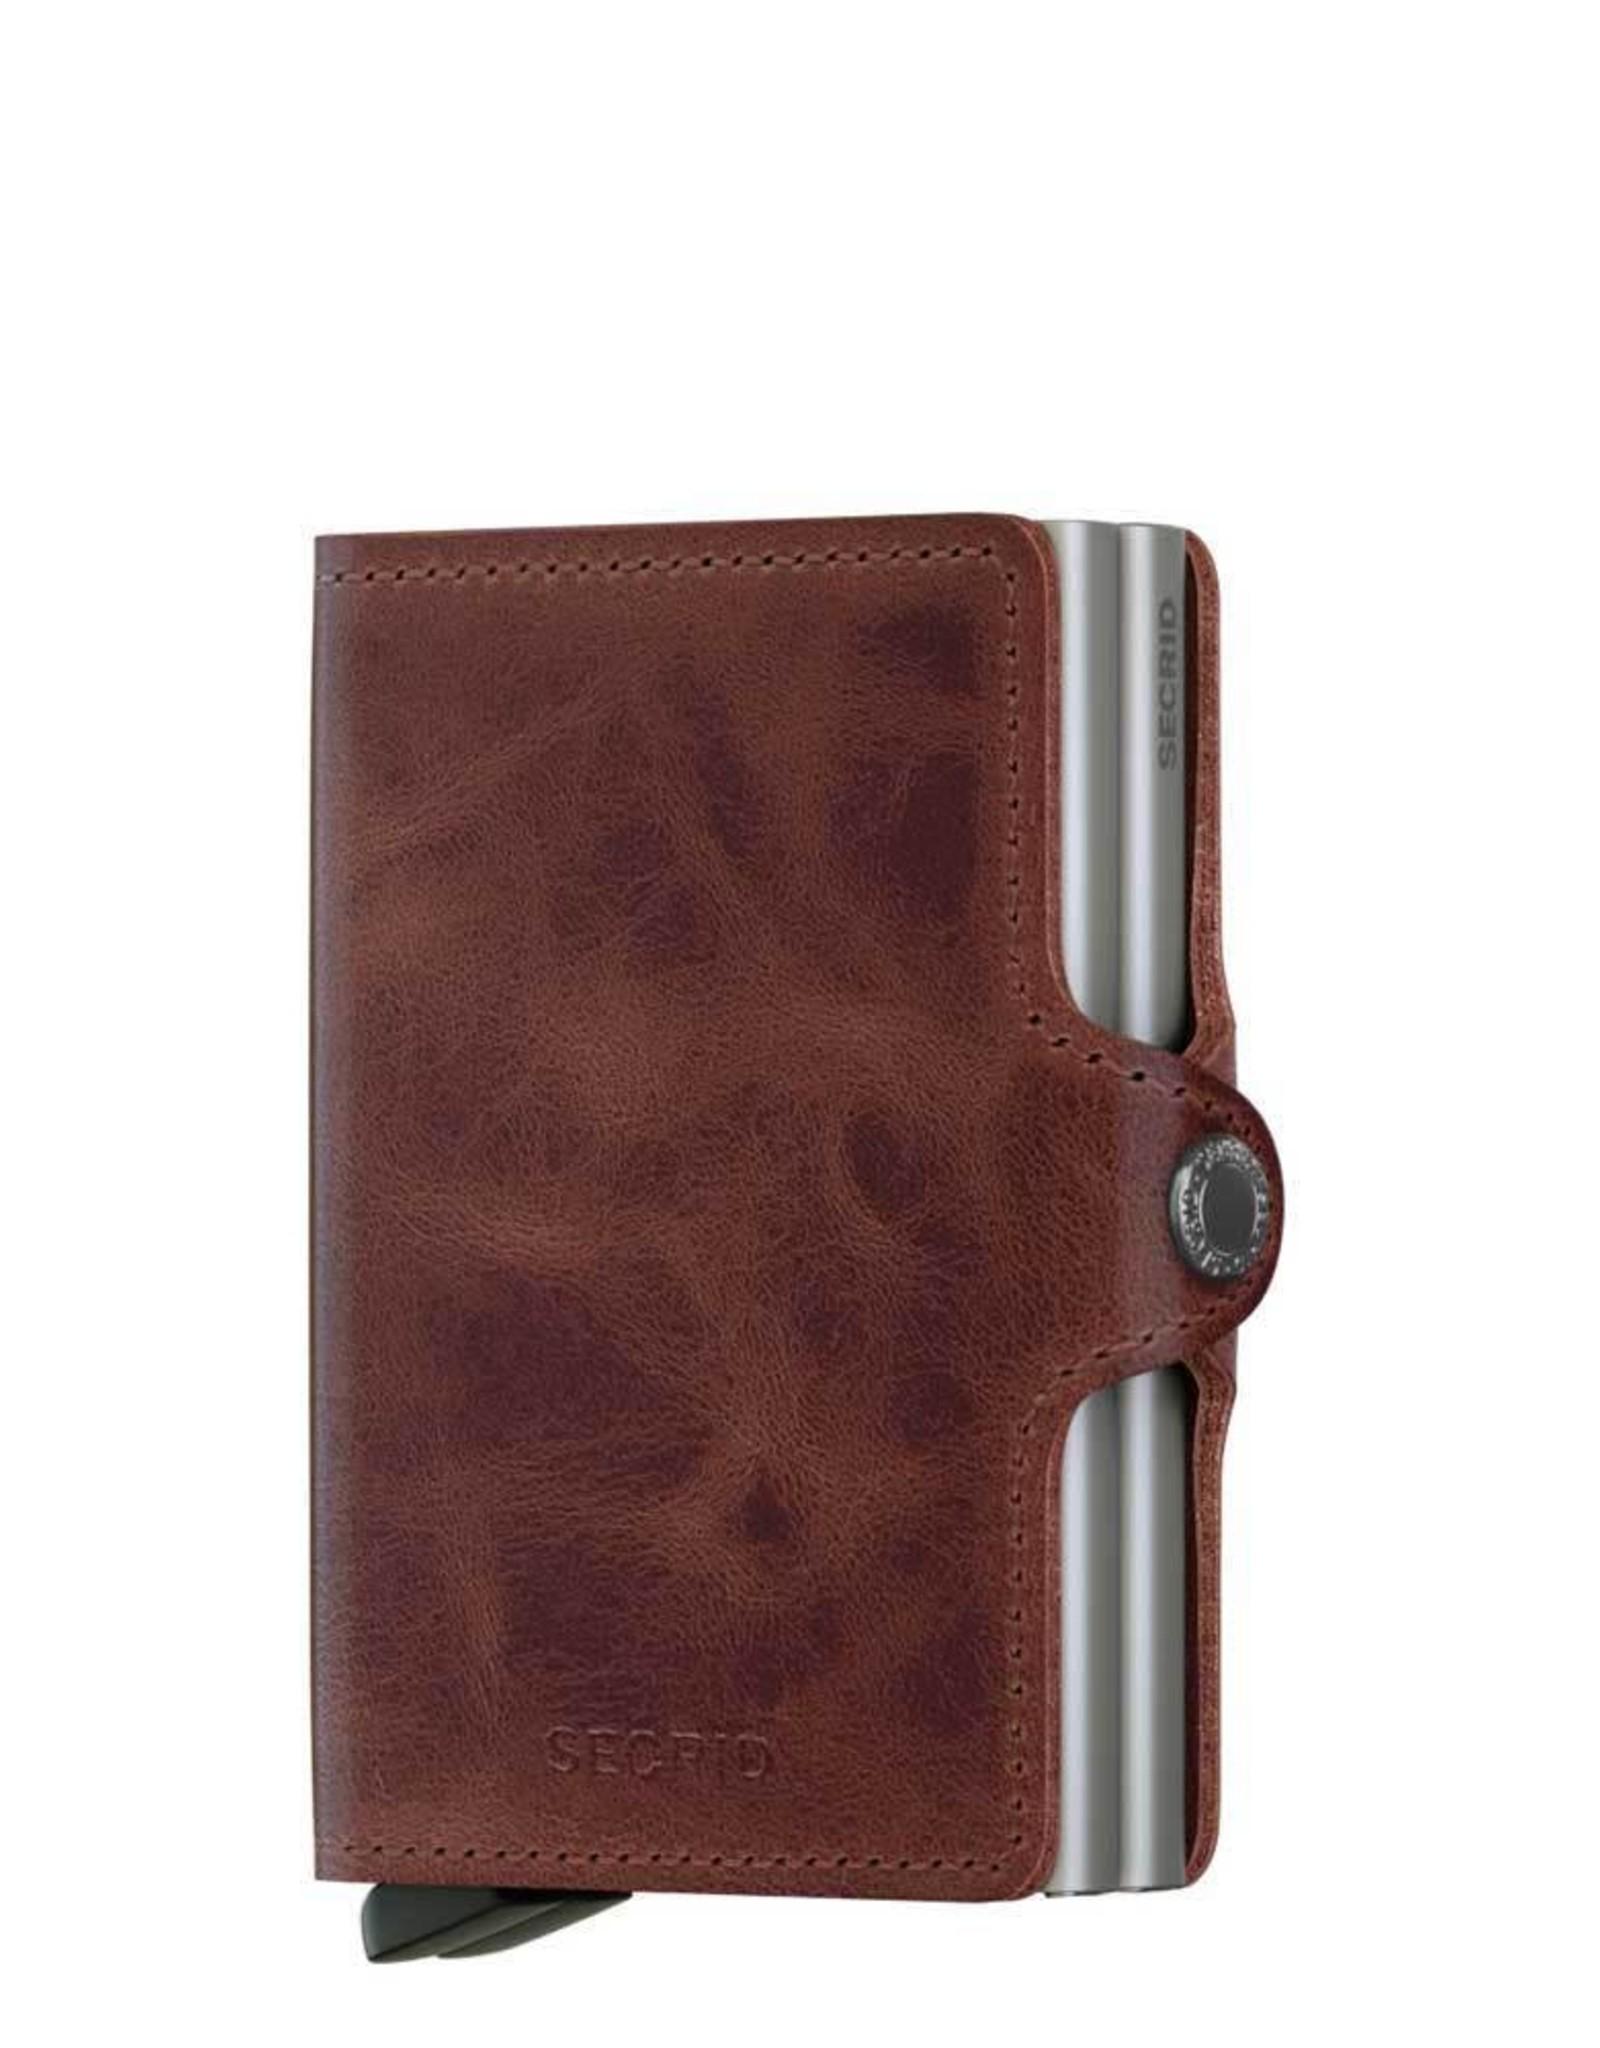 Secrid Secrid - TW-  Vintage Brown